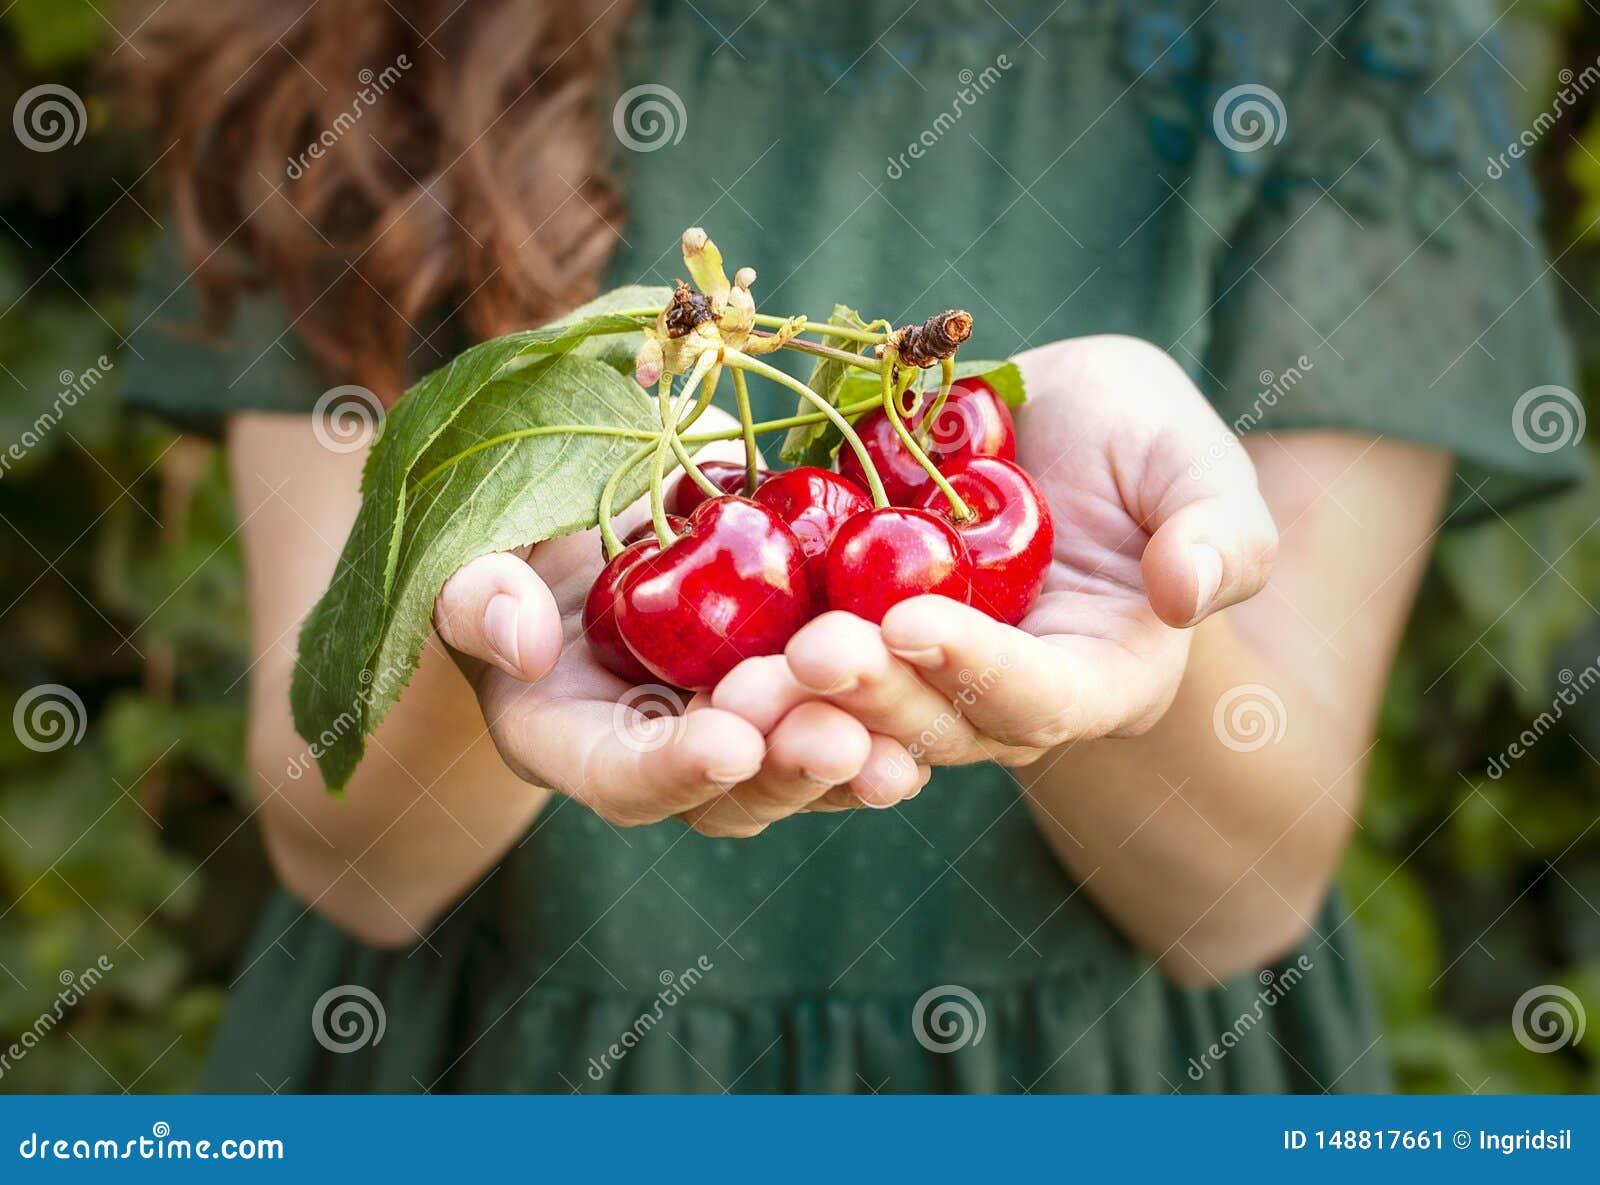 Isolerad ung kvinna som rymmer några körsbär i hennes händer Stora röda körsbär med sidor och stjälk En person på bakgrunden